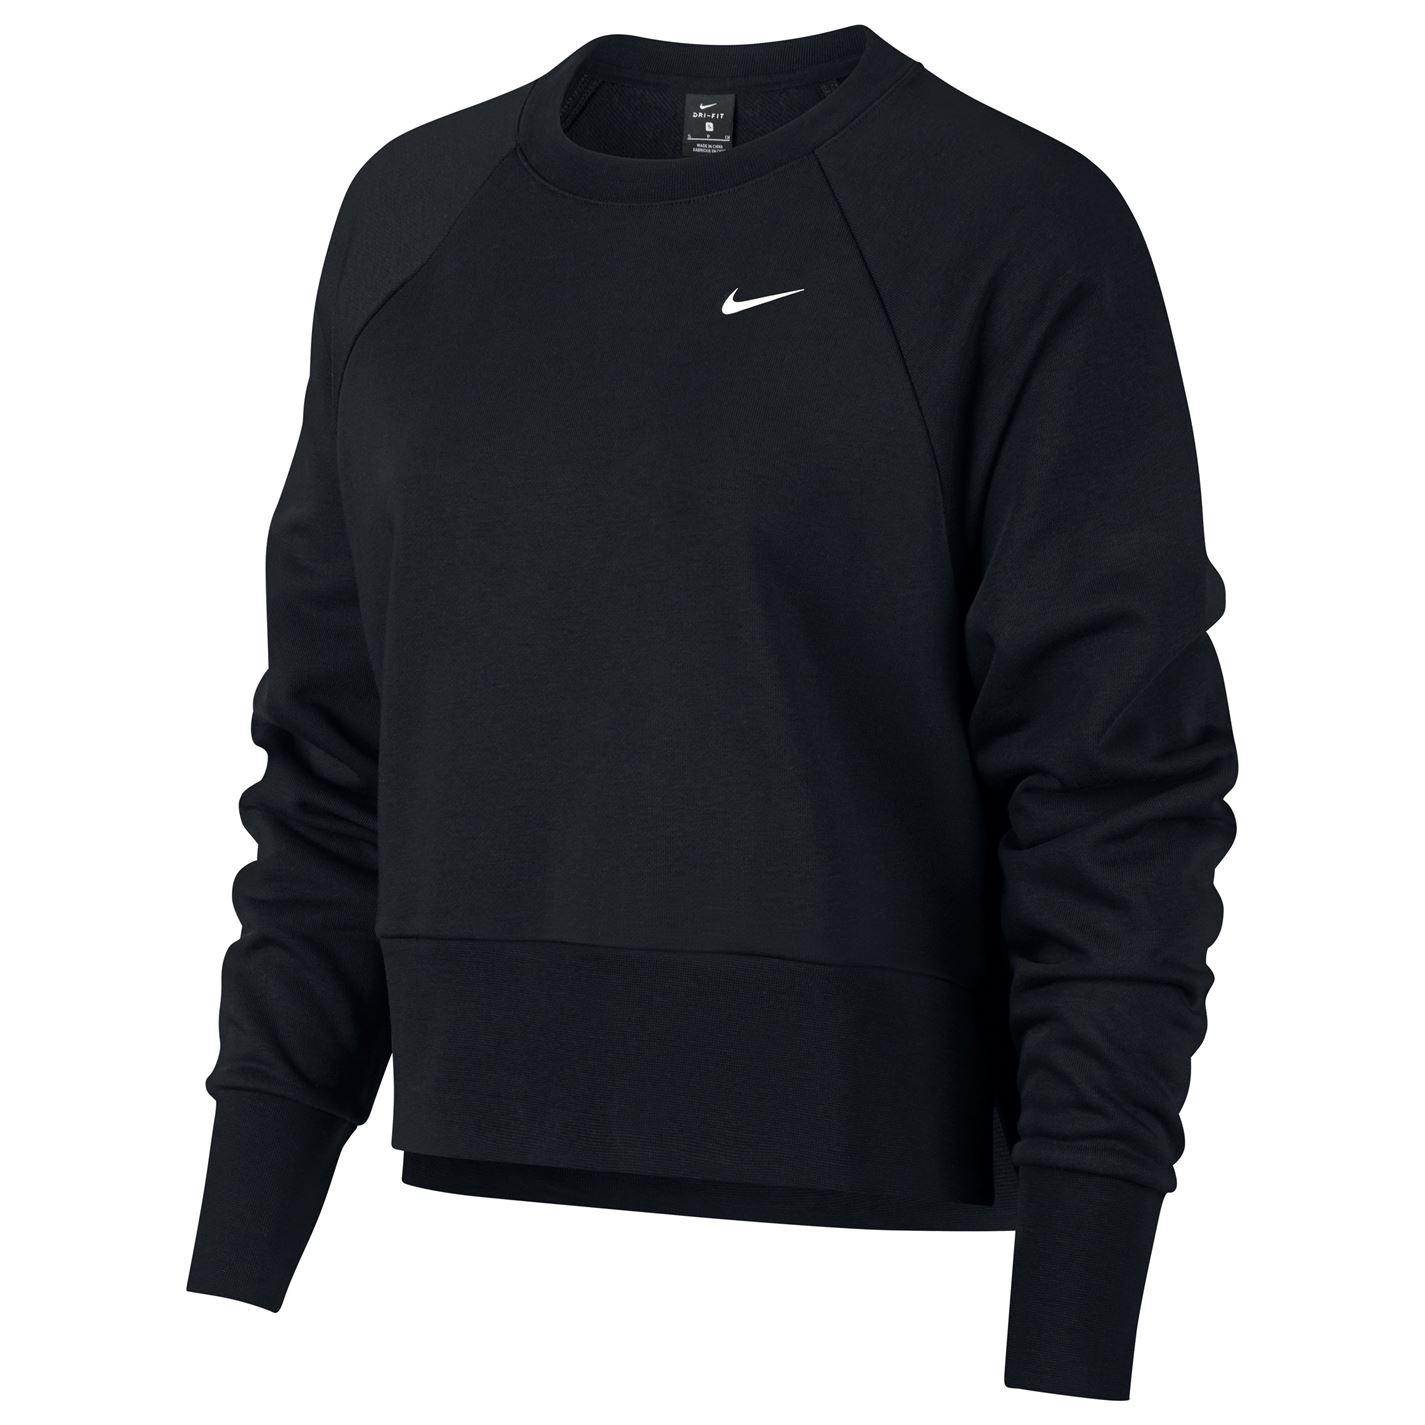 mikina Nike GRX Dry Crew Sweatshirt dámská